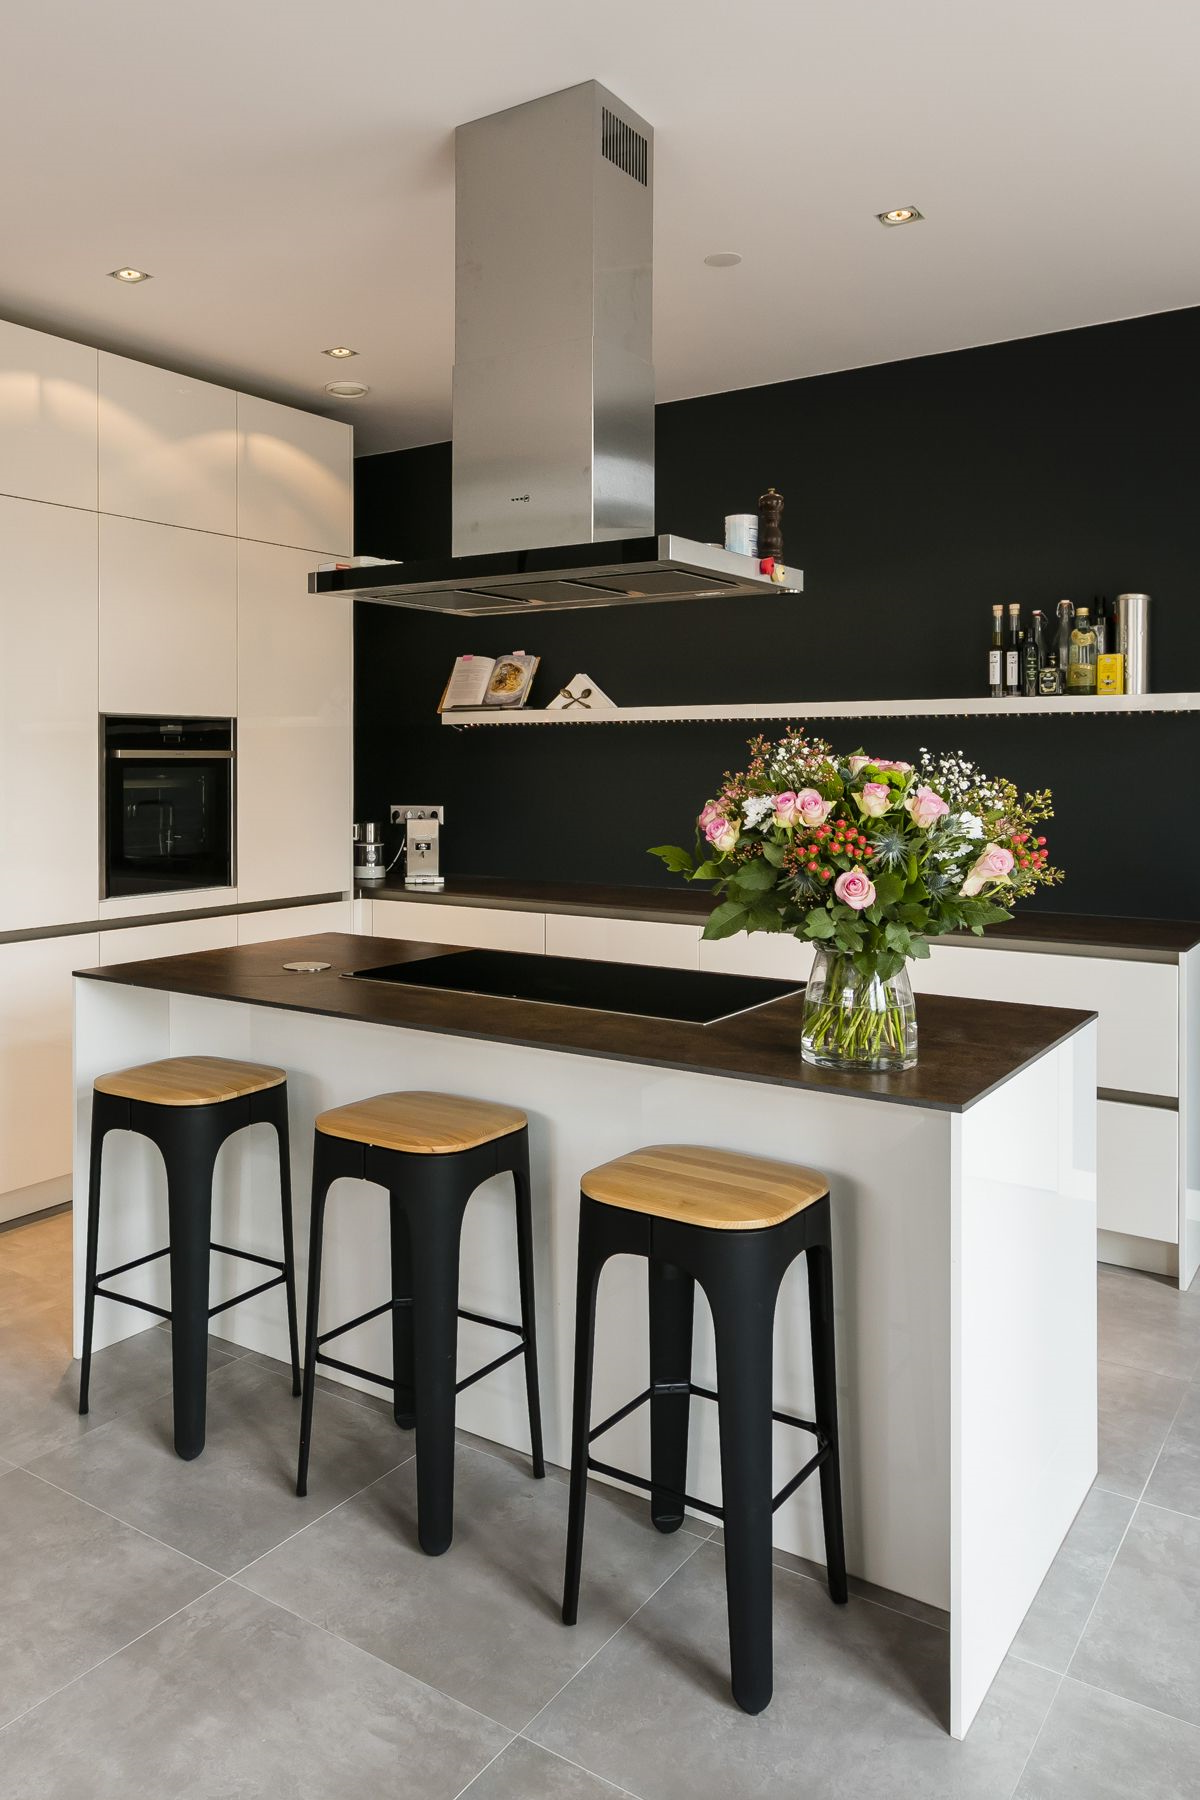 Ikea offre de nombreuses idées pour une cuisine conviviale